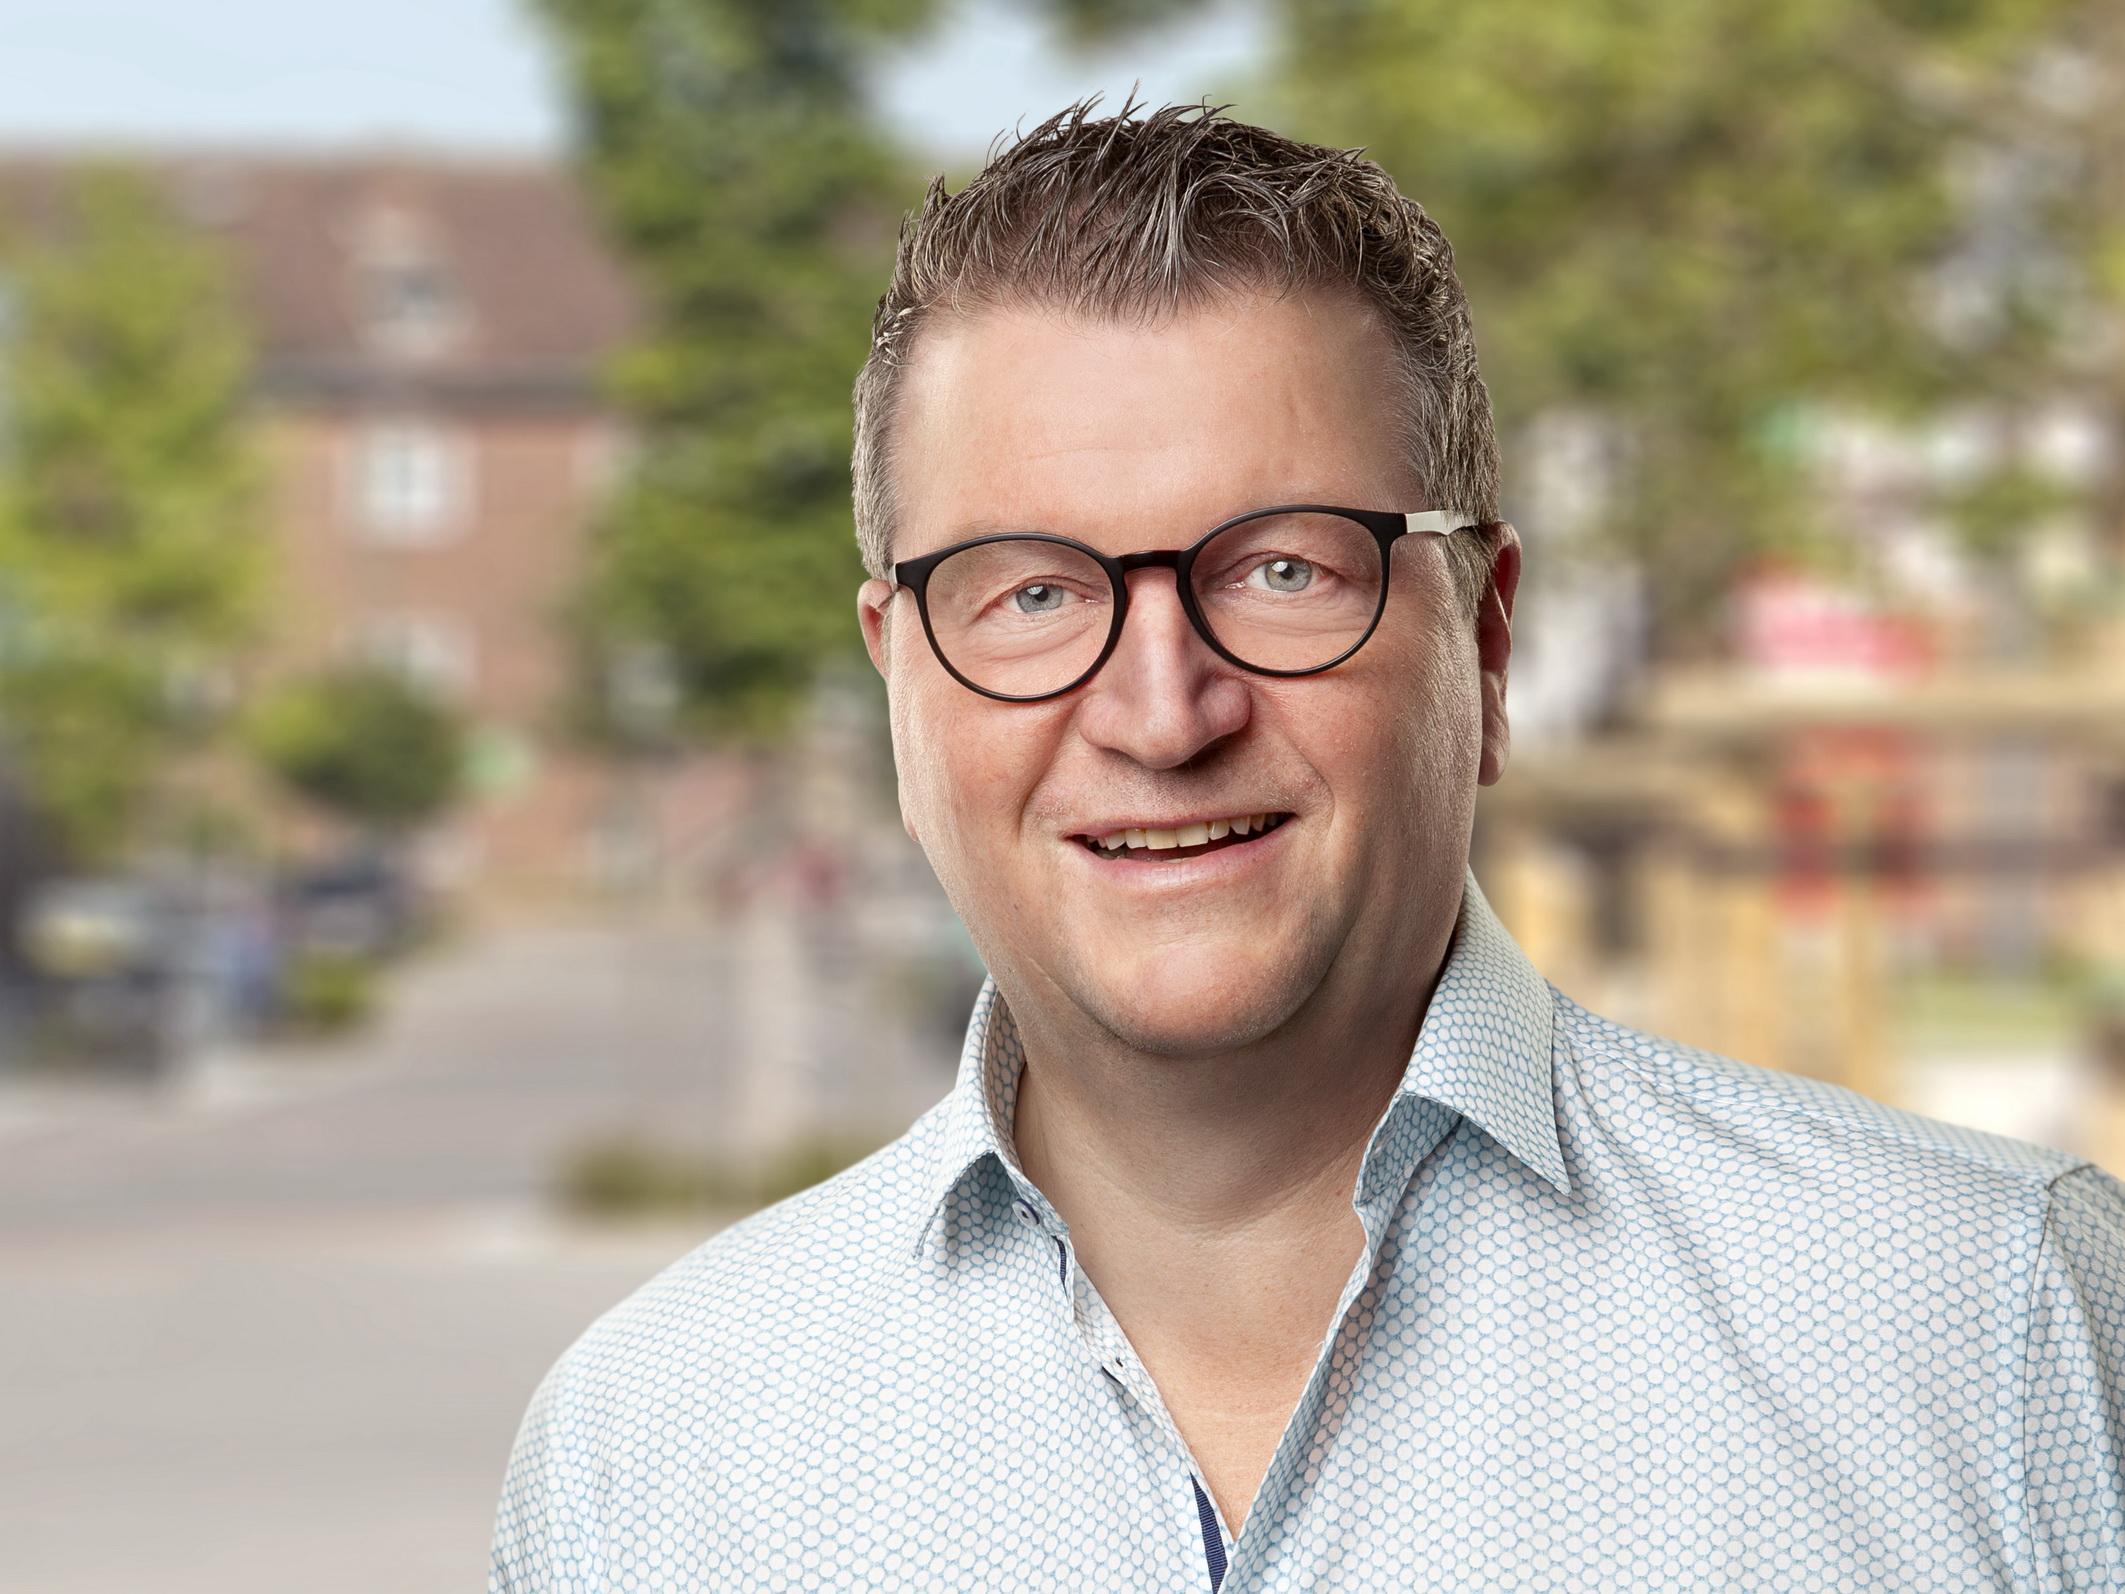 Georg Koenen